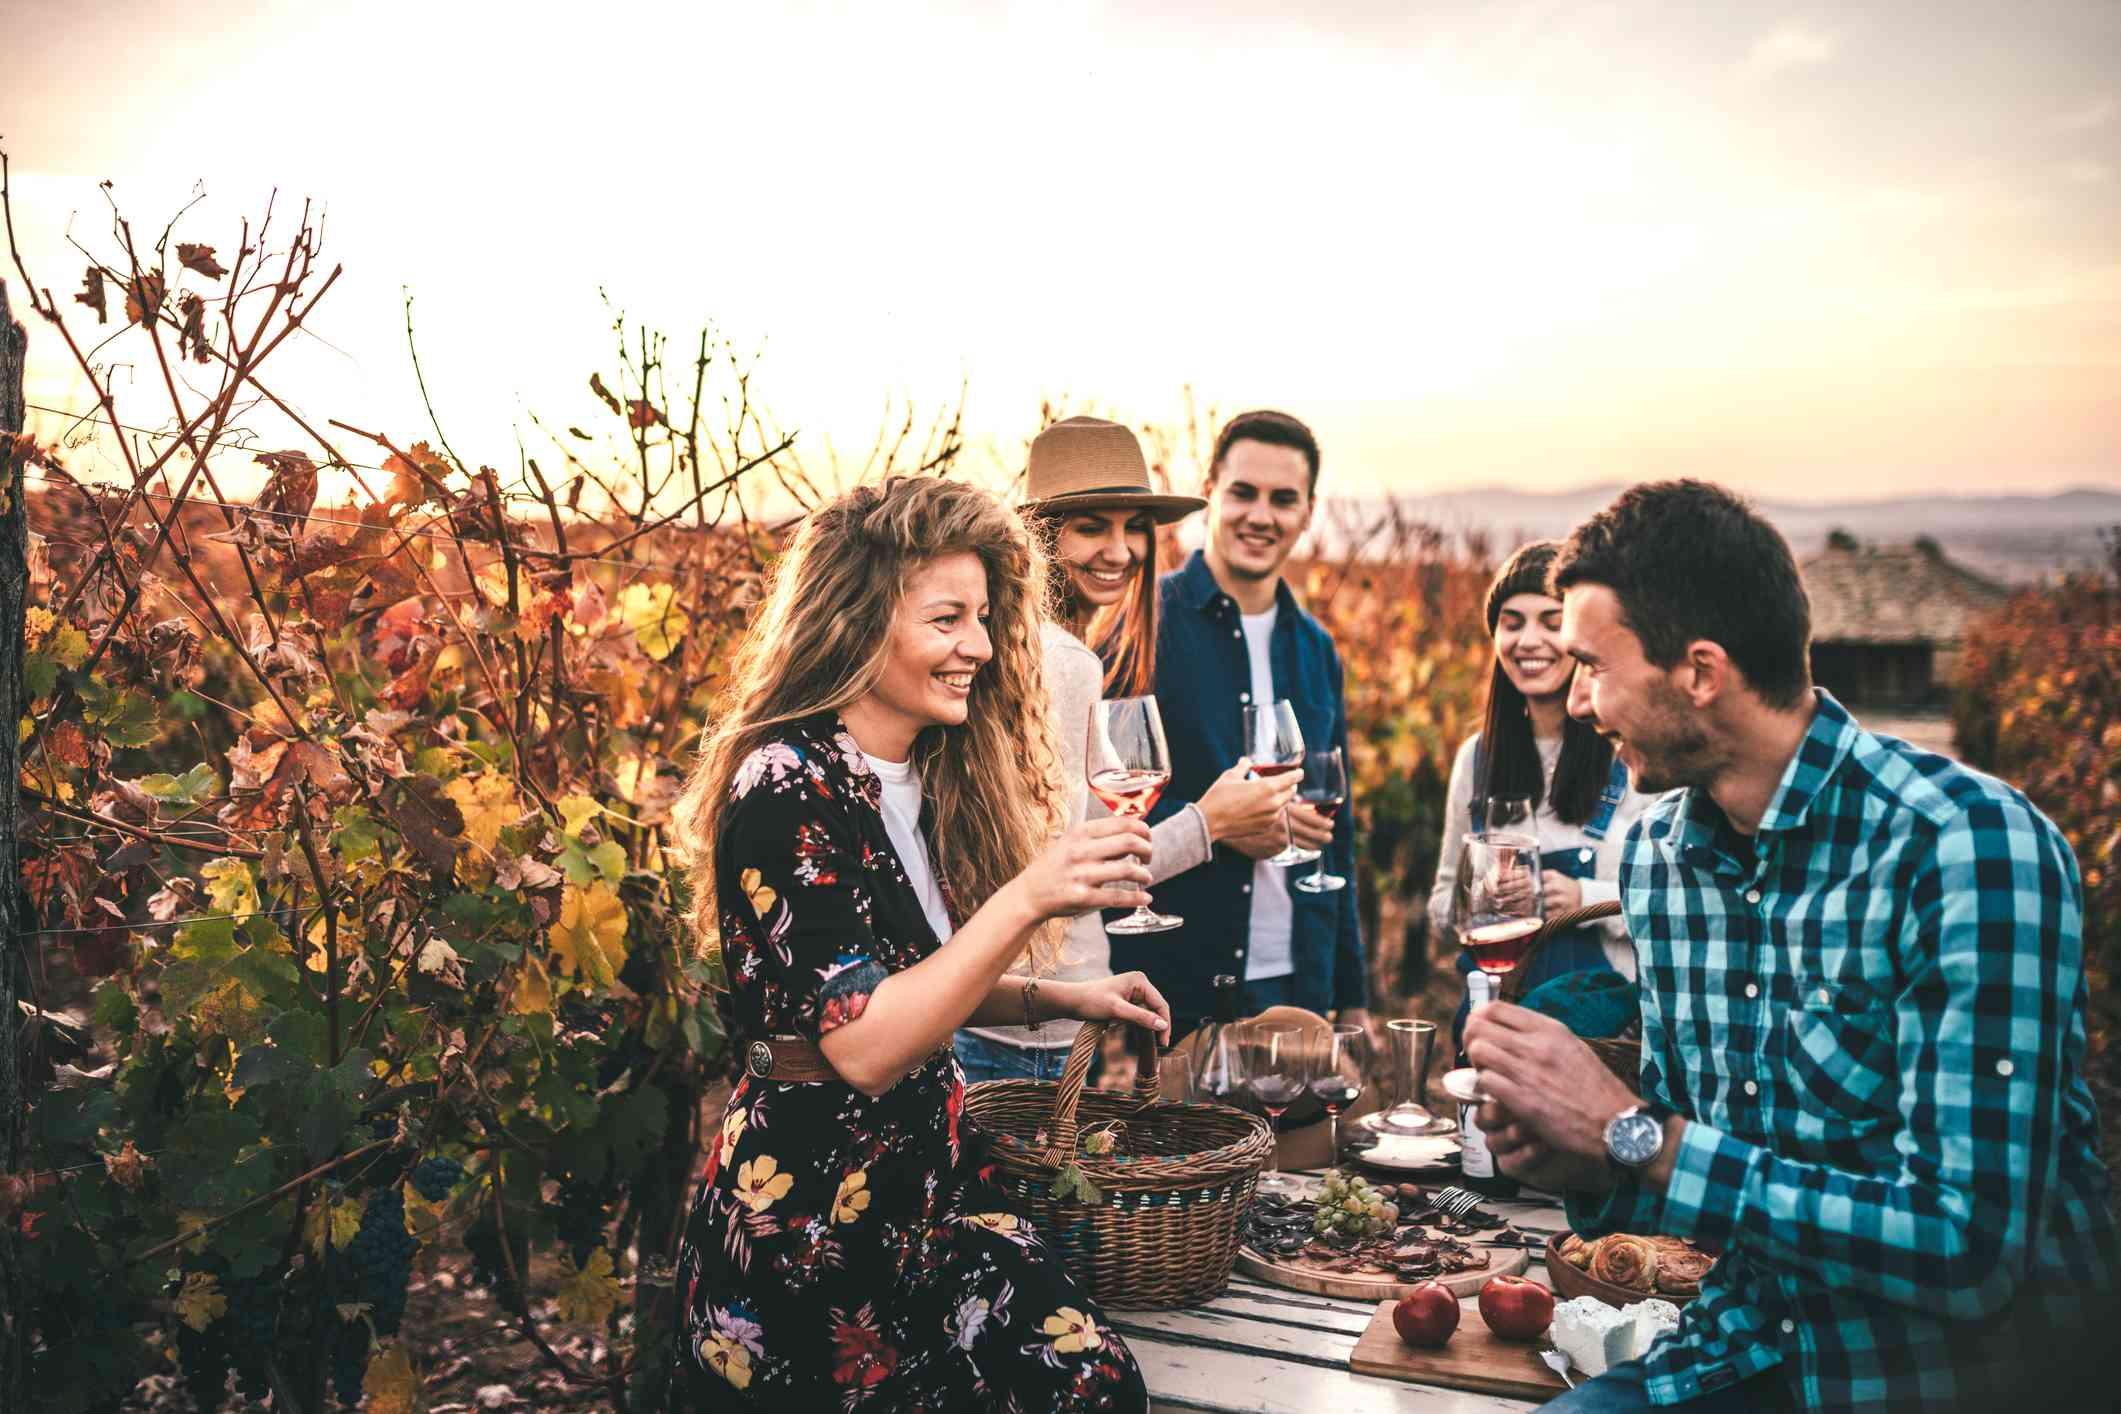 friends wine tasting